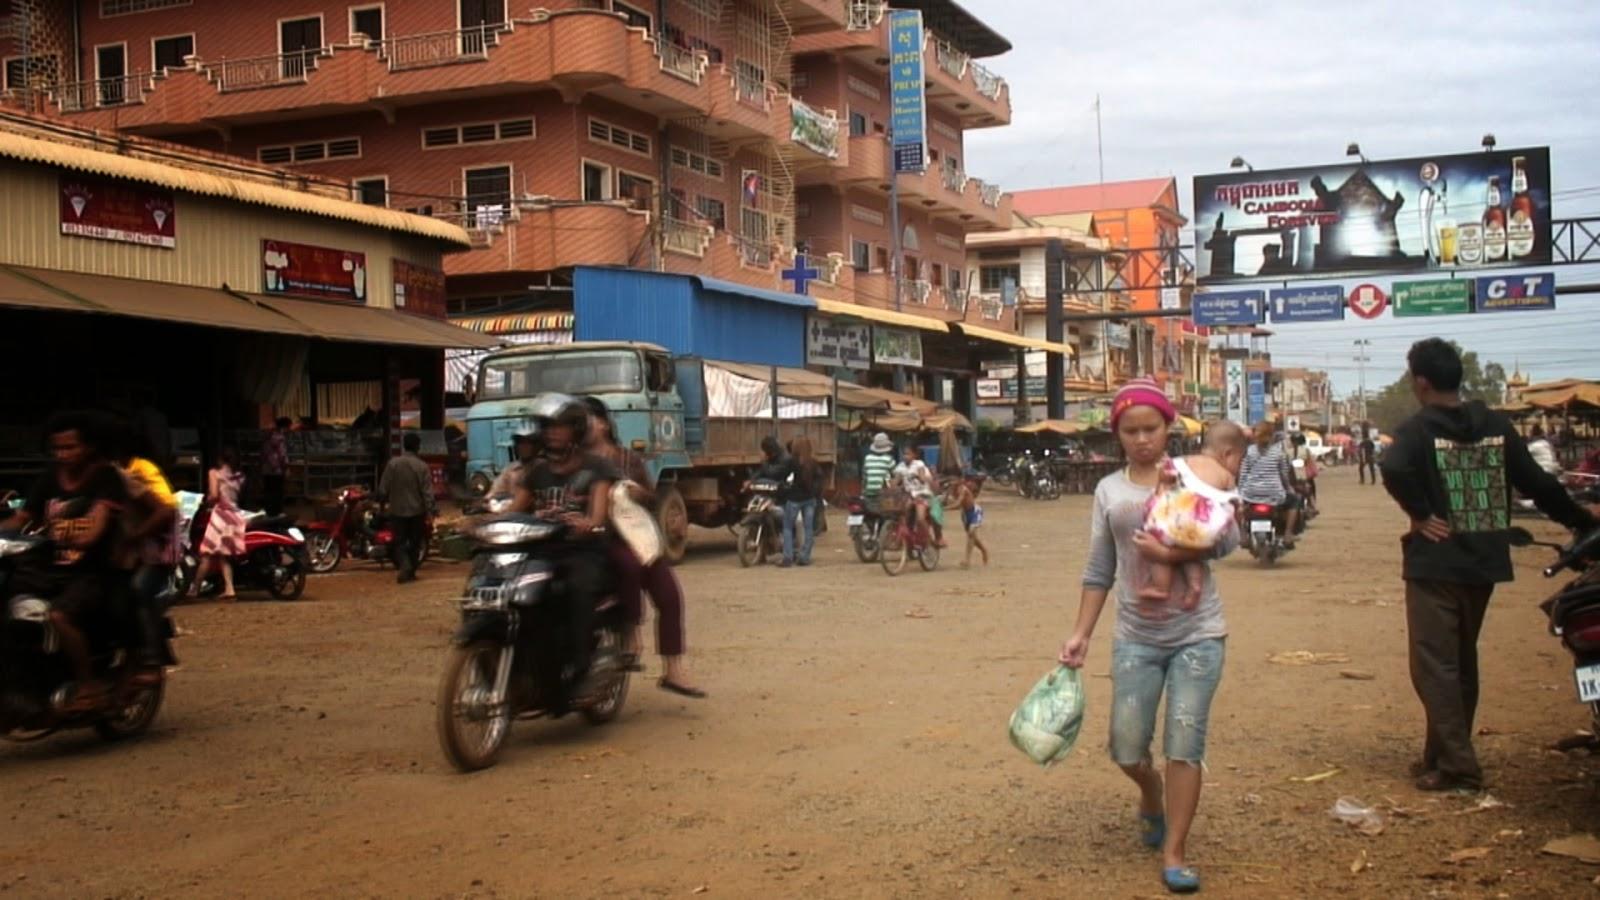 Cambodge, production vidéo, presse, filmmaker, documentaires, documentaries, Christophe Gargiulo, Kampuchéa, Cambodge Mag, magazine, Tonle Sap, articles, nouvelles, video production, Cambodia, KiamProd, KiamProd photography, KiamProd movies,KiamProd music,  revues de presse, vietnam, thaïlande, birmanie, Myanmar, Lao, Laos, Burma, Chine, China. photographies, visages khmers, khmer faces, market, marché, Phnom Penh, nouvel an khmer, Khmer New Year, Ratanakiri, Banlun